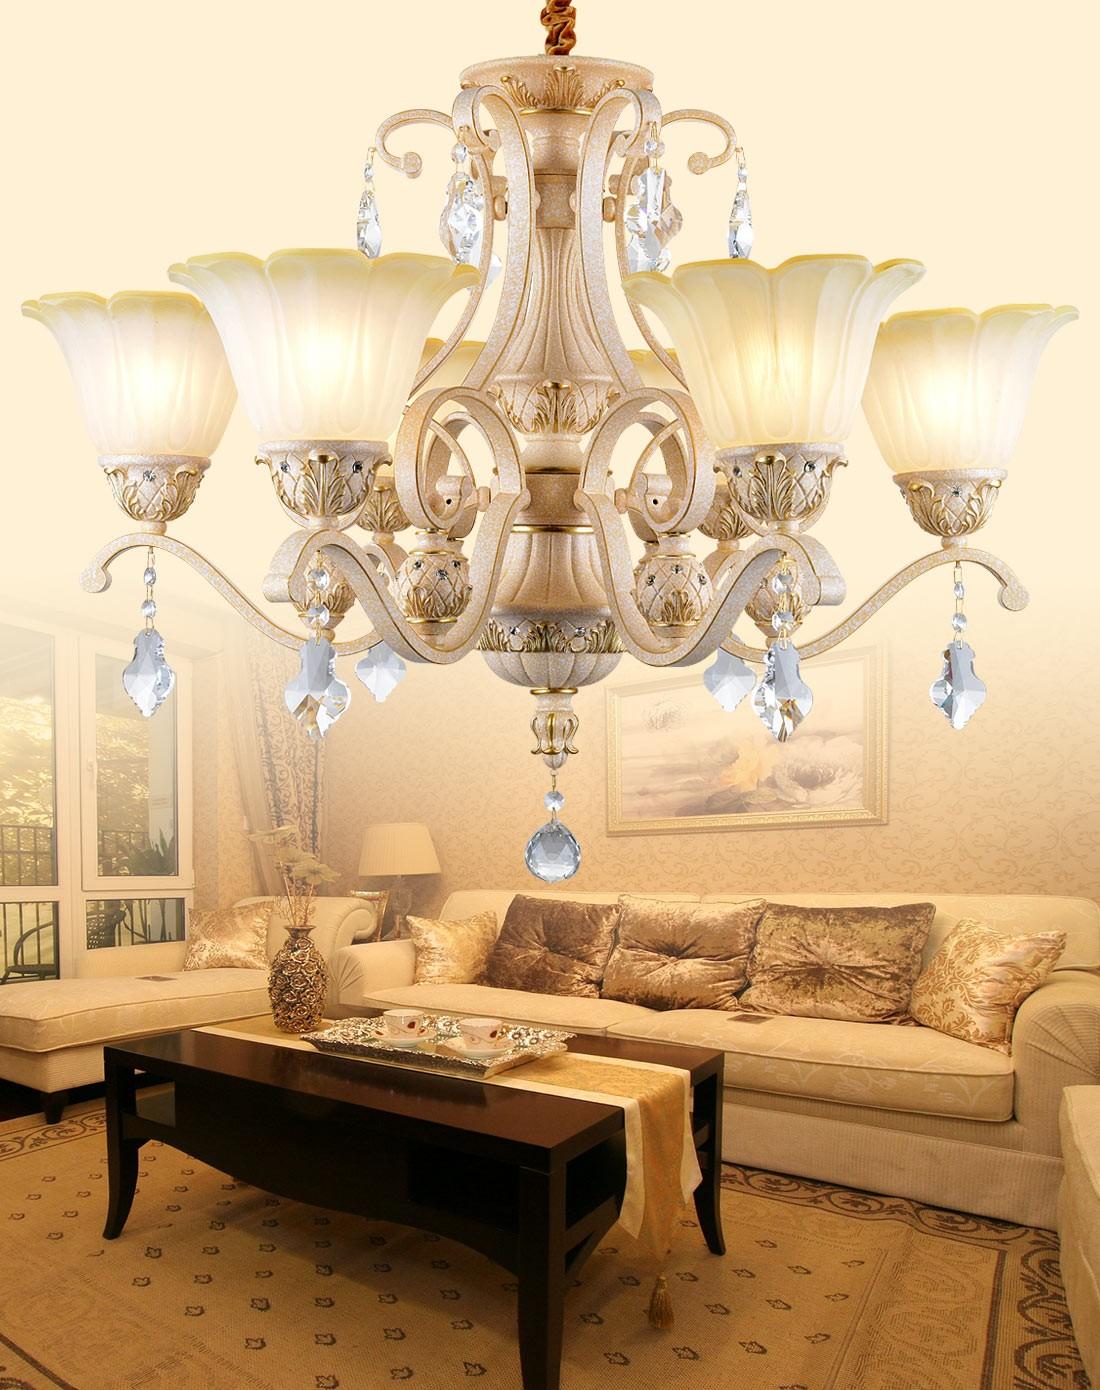 客厅水晶吊灯款式类型介绍